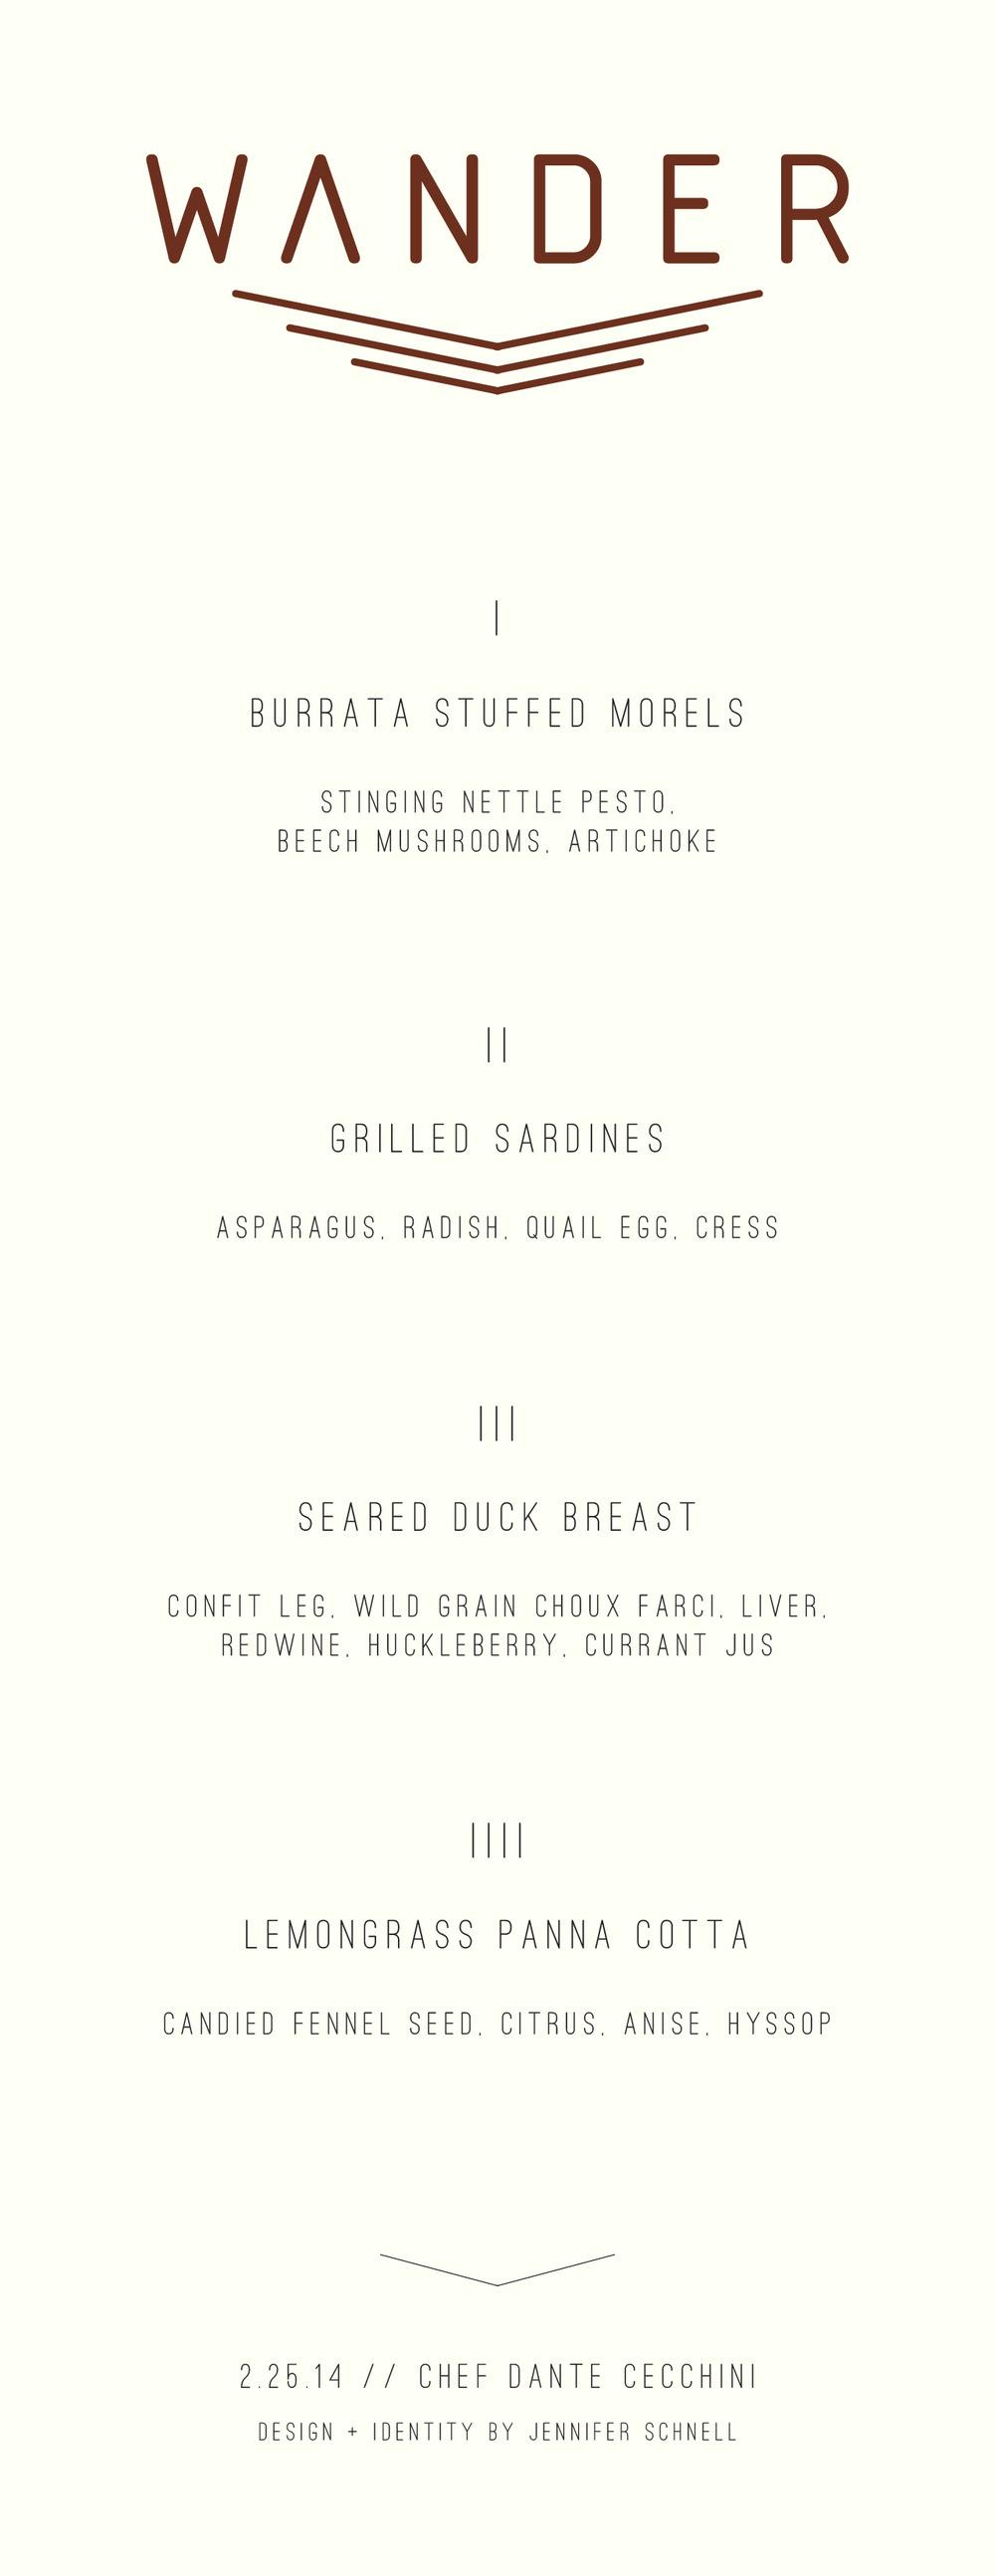 menu 2-25-14 web.jpg